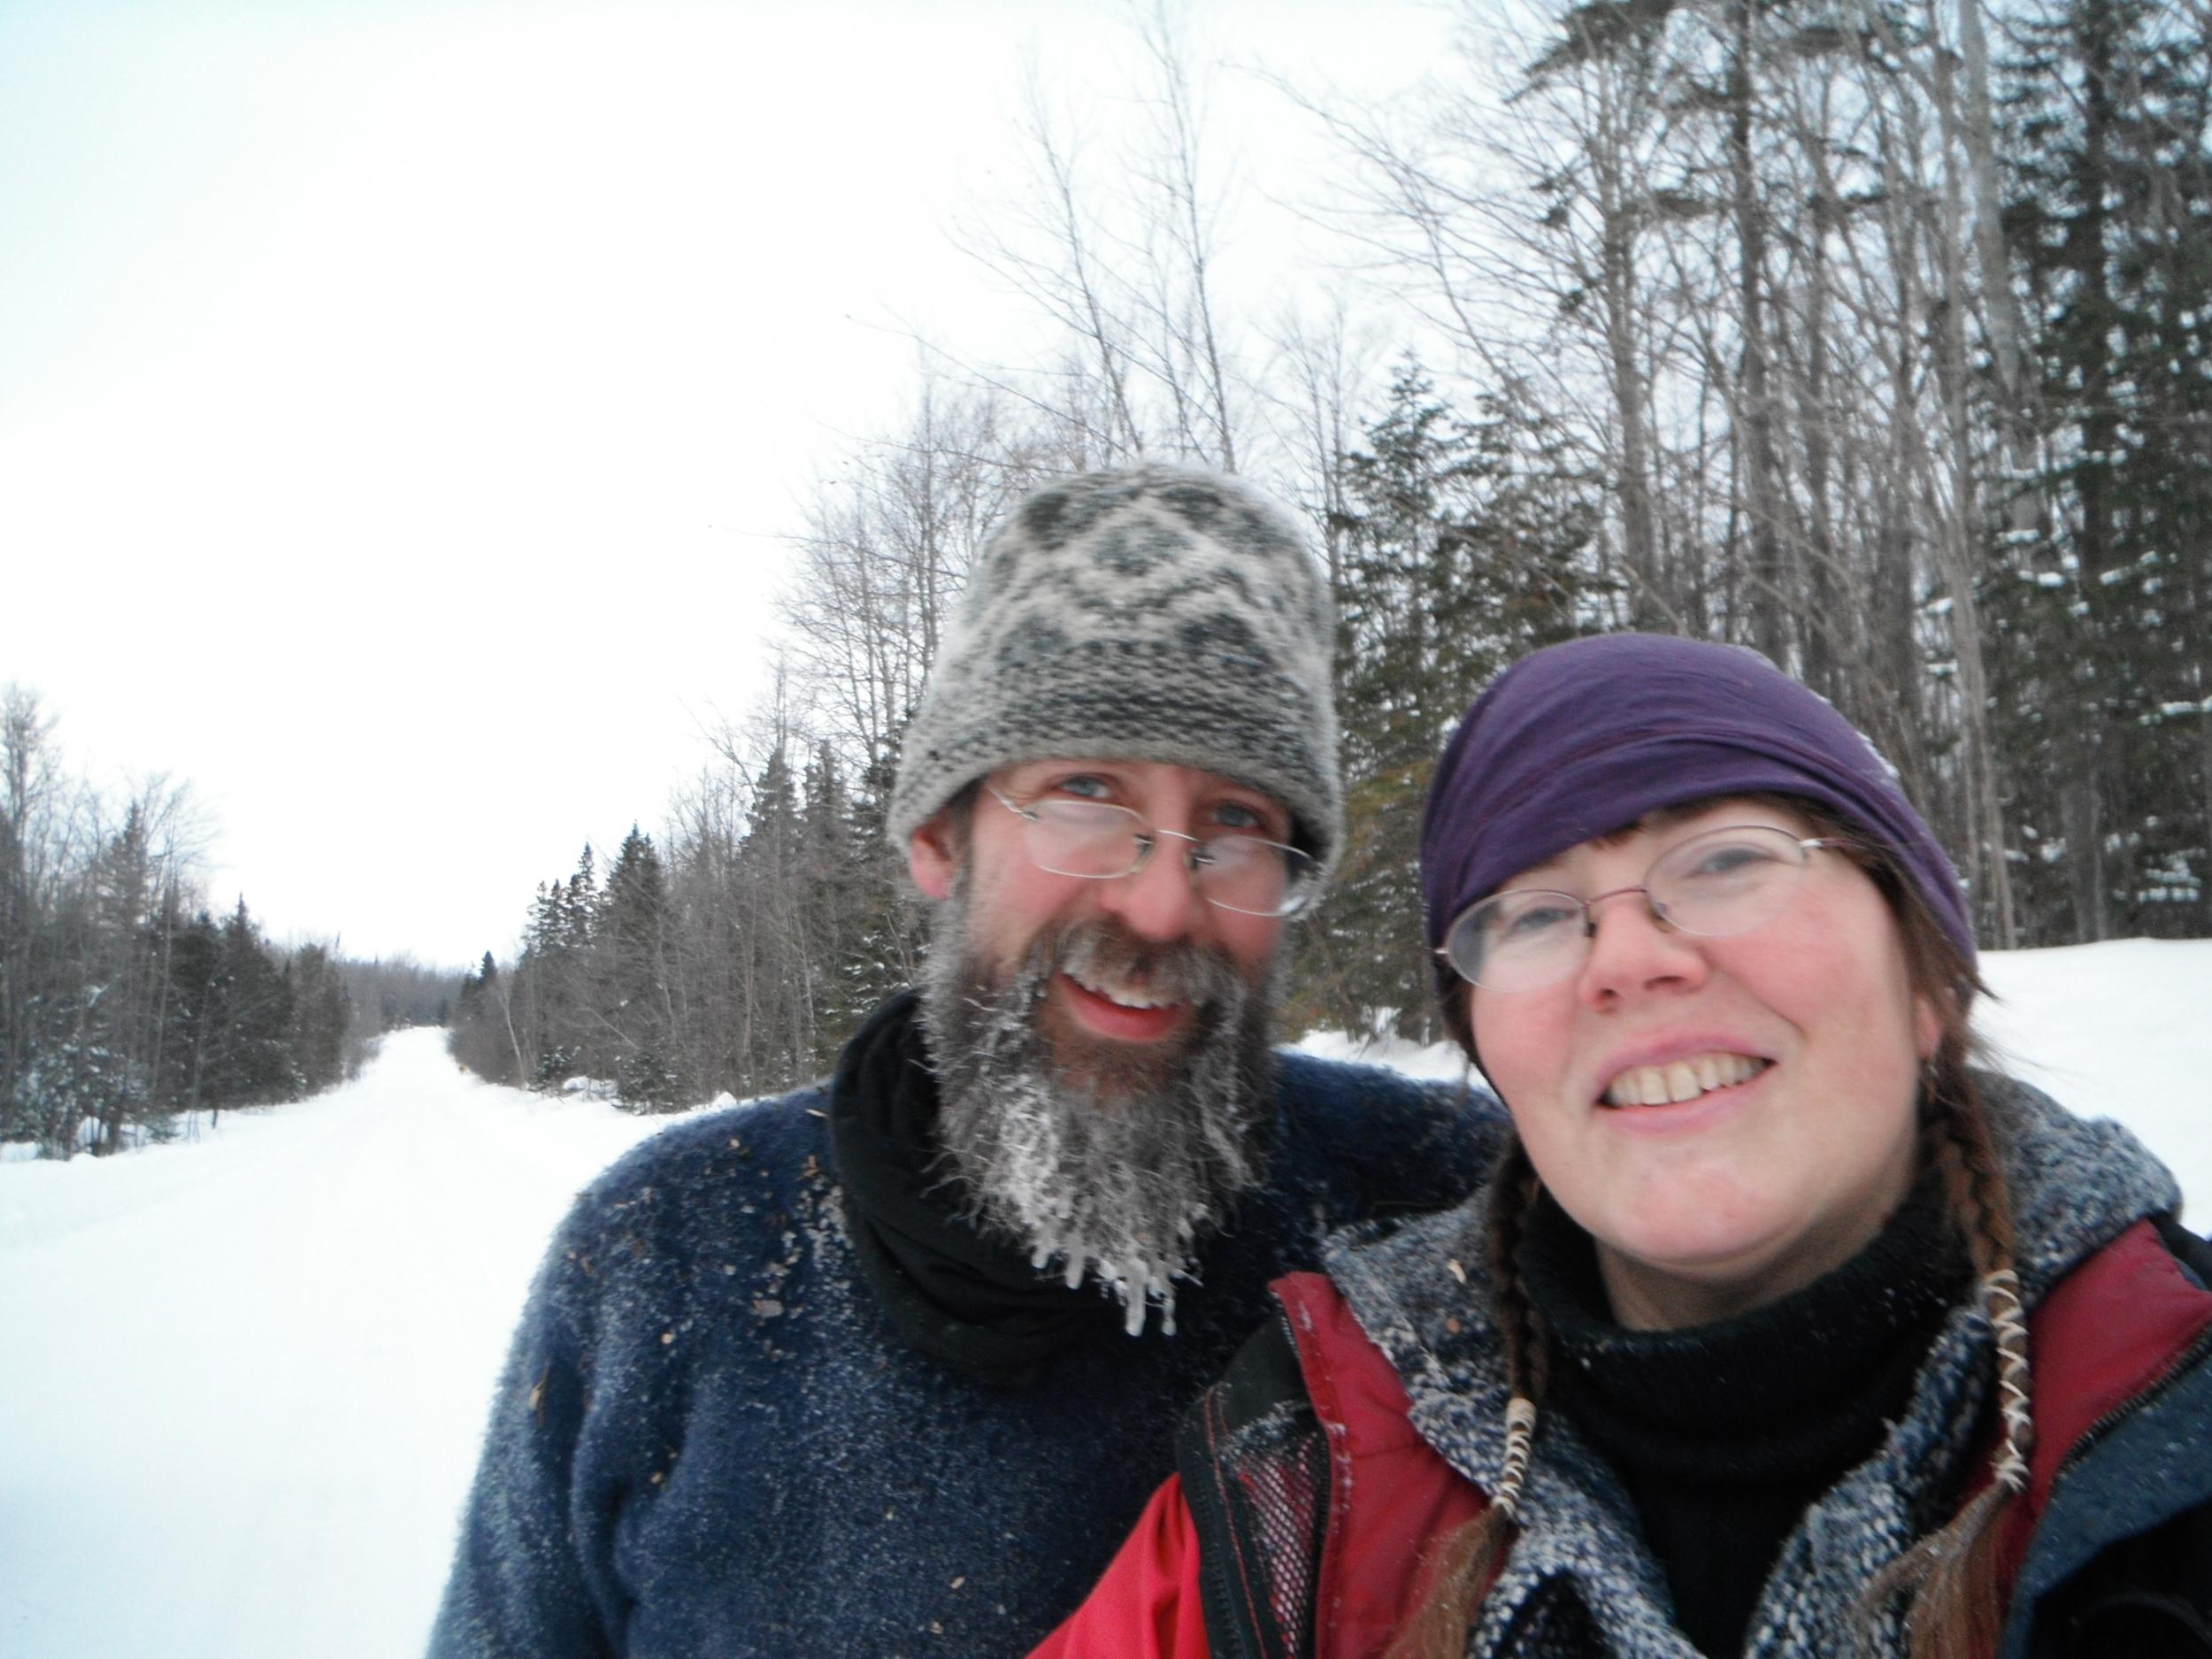 Wood gathering February 1, 2014